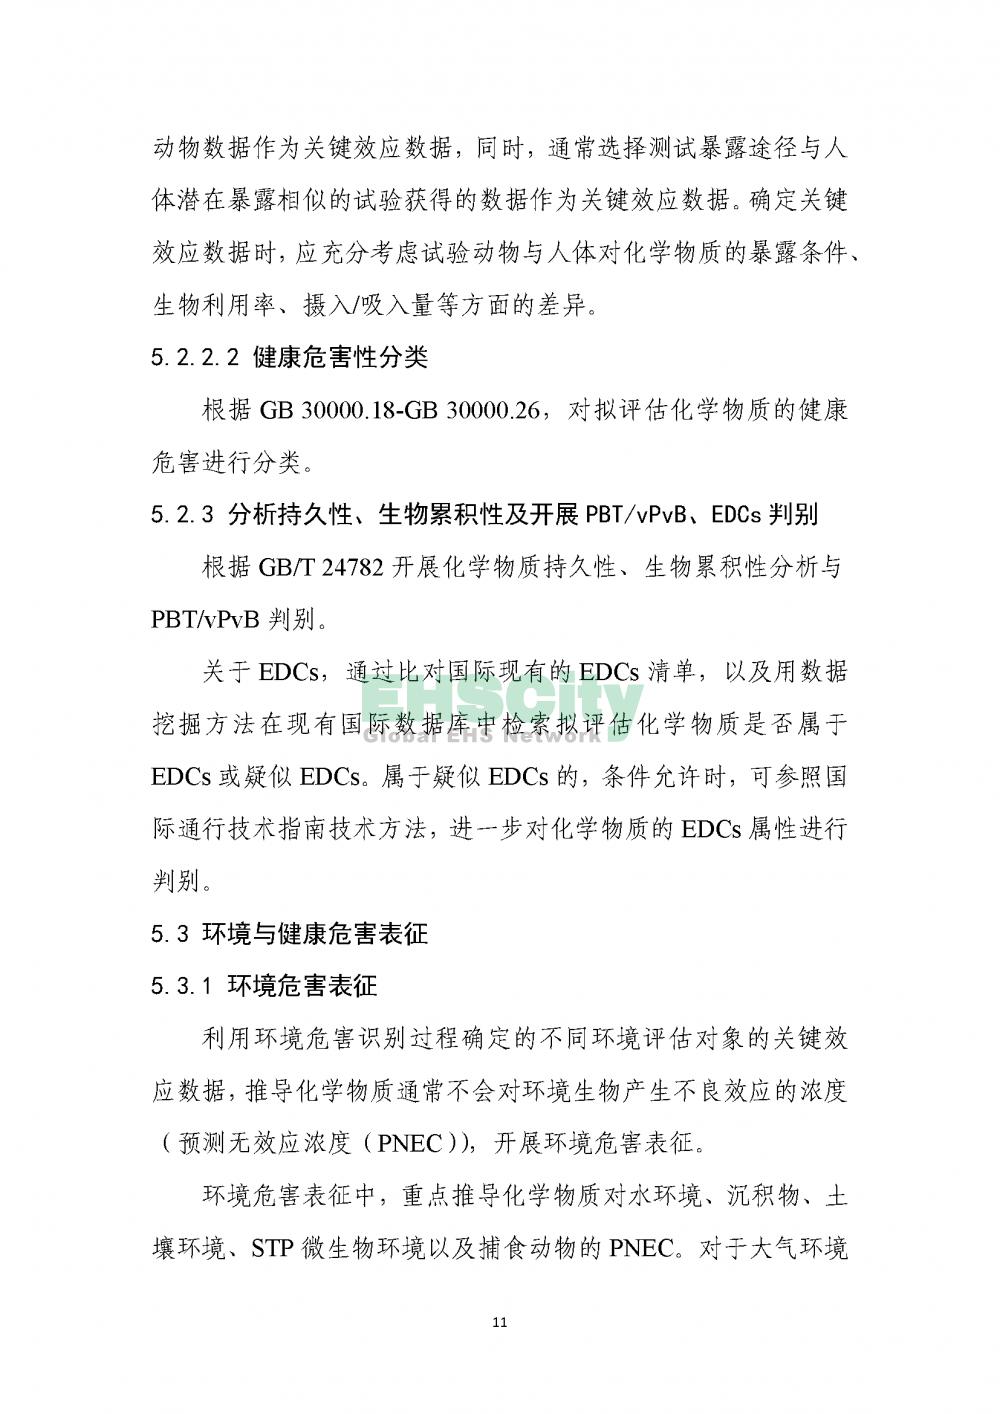 1化学物质环境与健康危害评估技术导则_页面_13